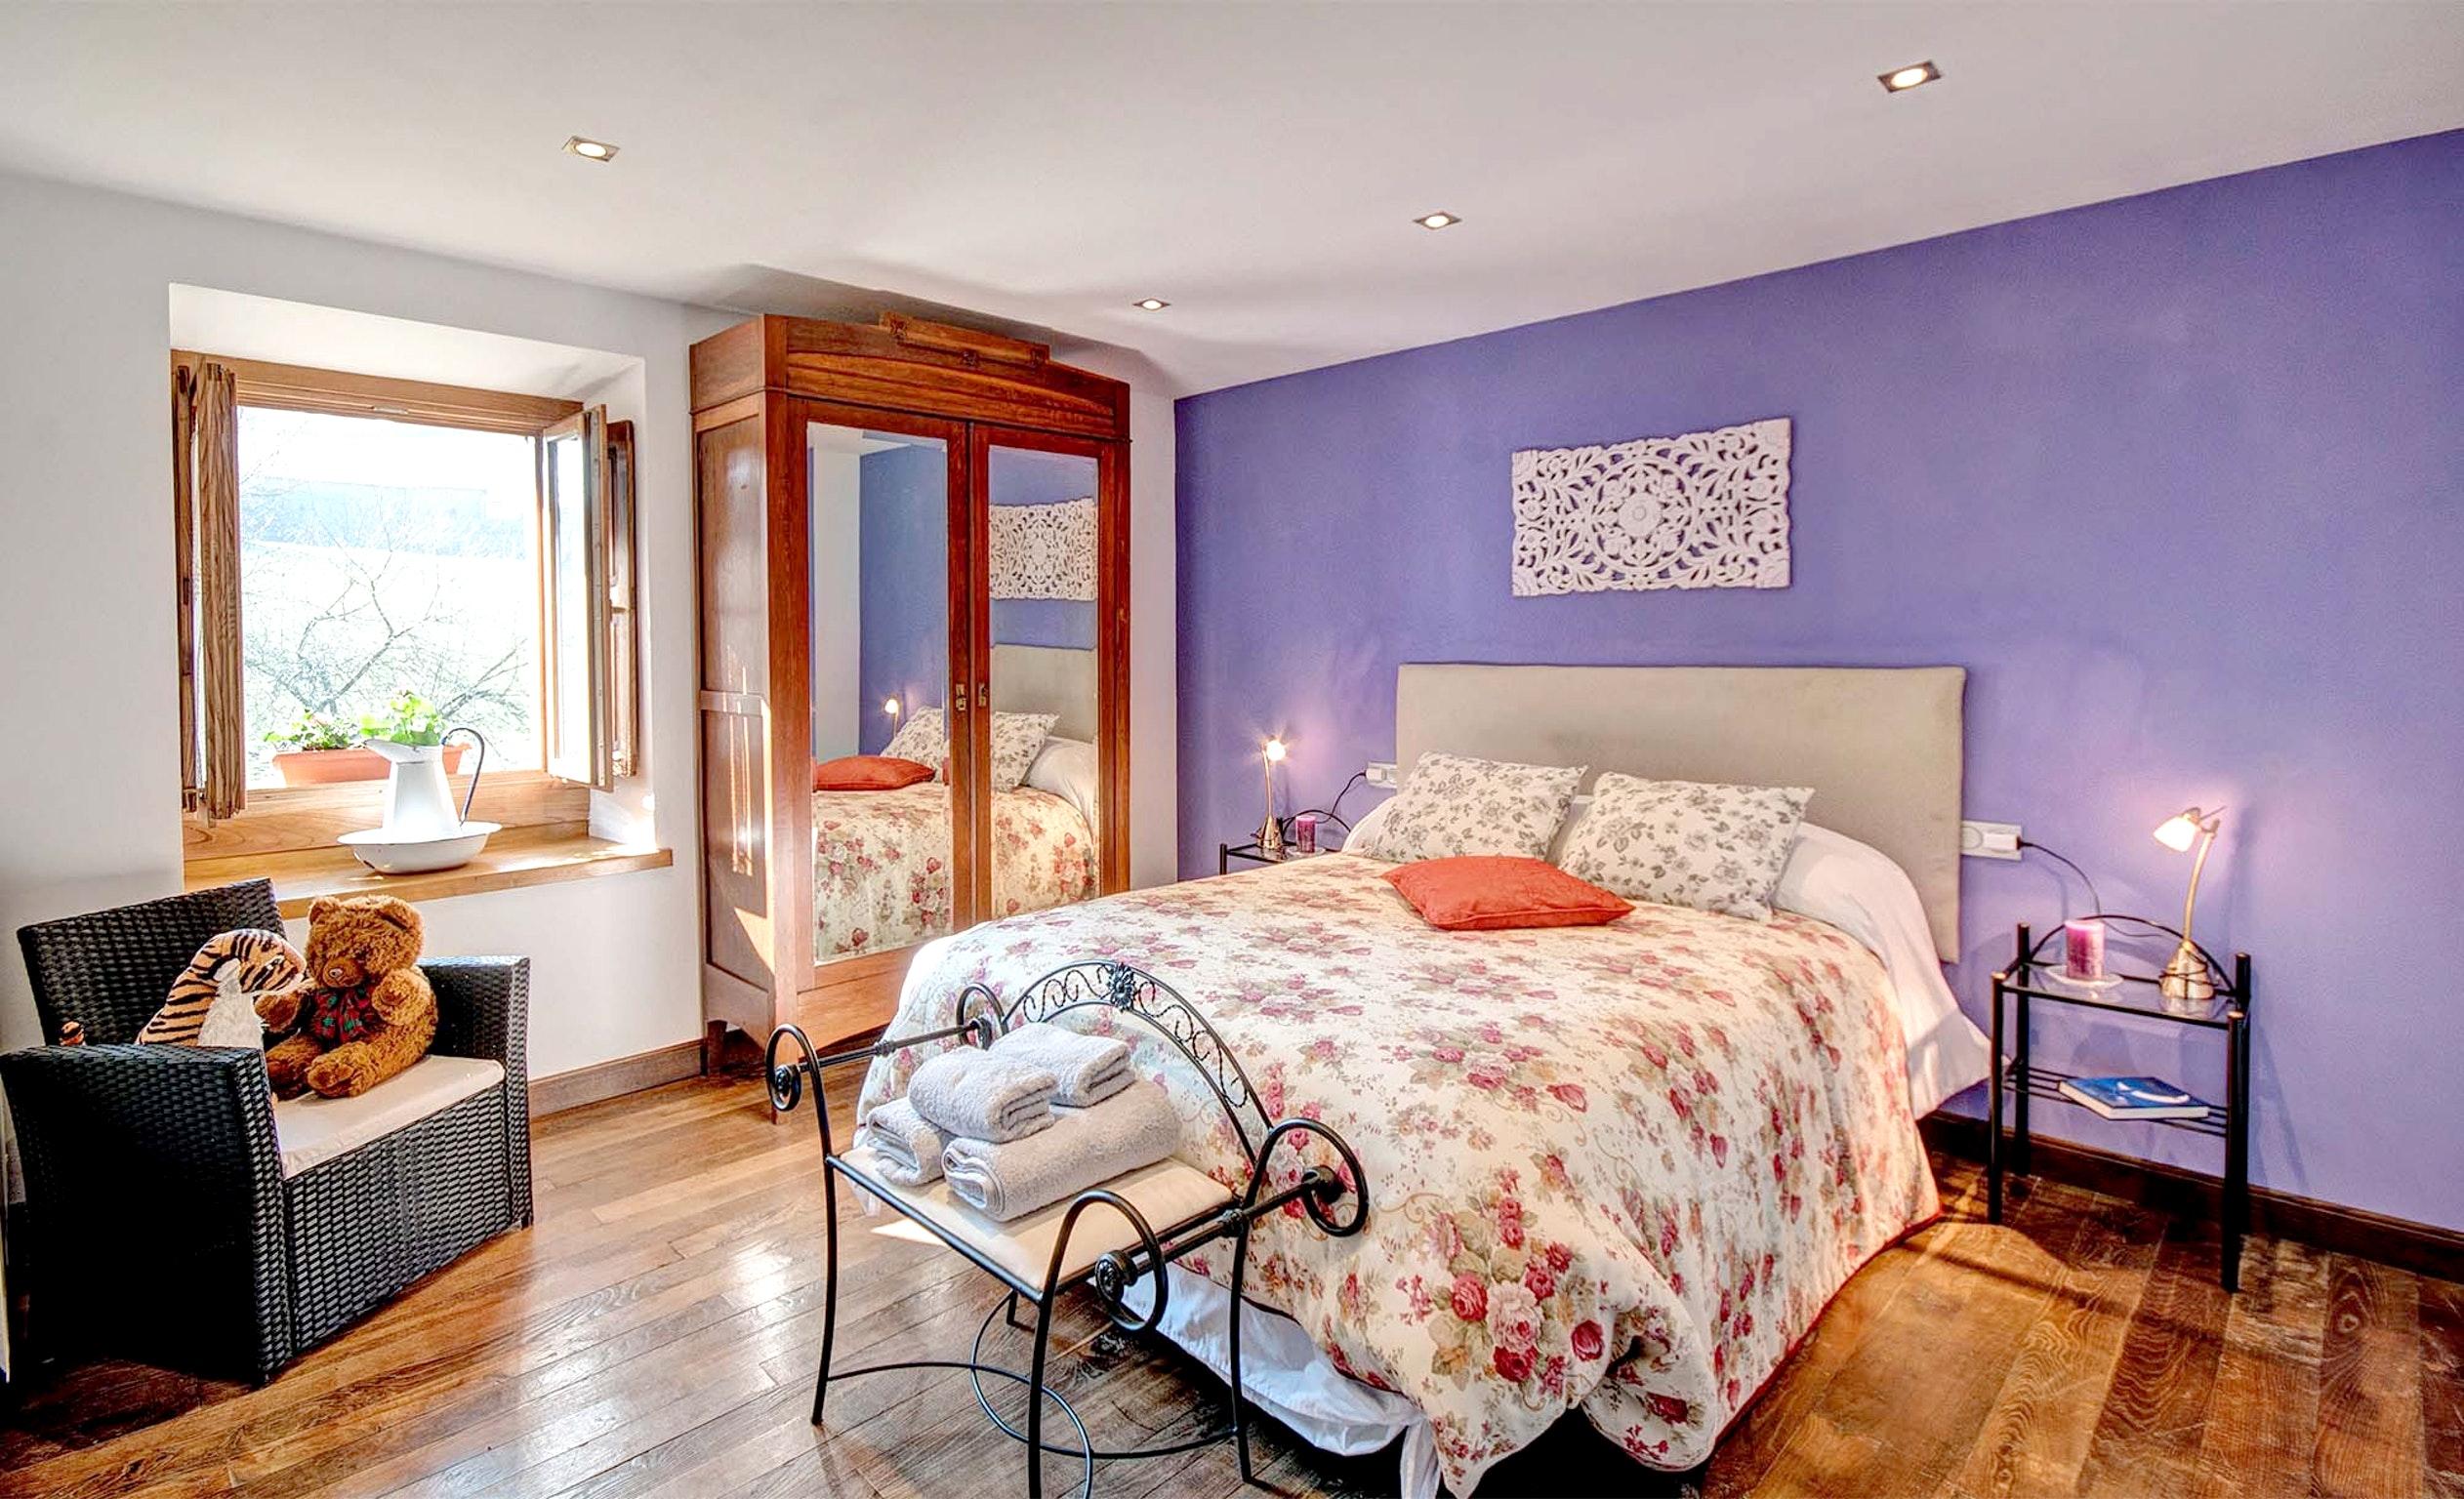 Ferienhaus Haus mit 5 Schlafzimmern in Baráibar mit toller Aussicht auf die Berge, möbliertem Garten  (2541138), Baraibar, , Navarra, Spanien, Bild 14